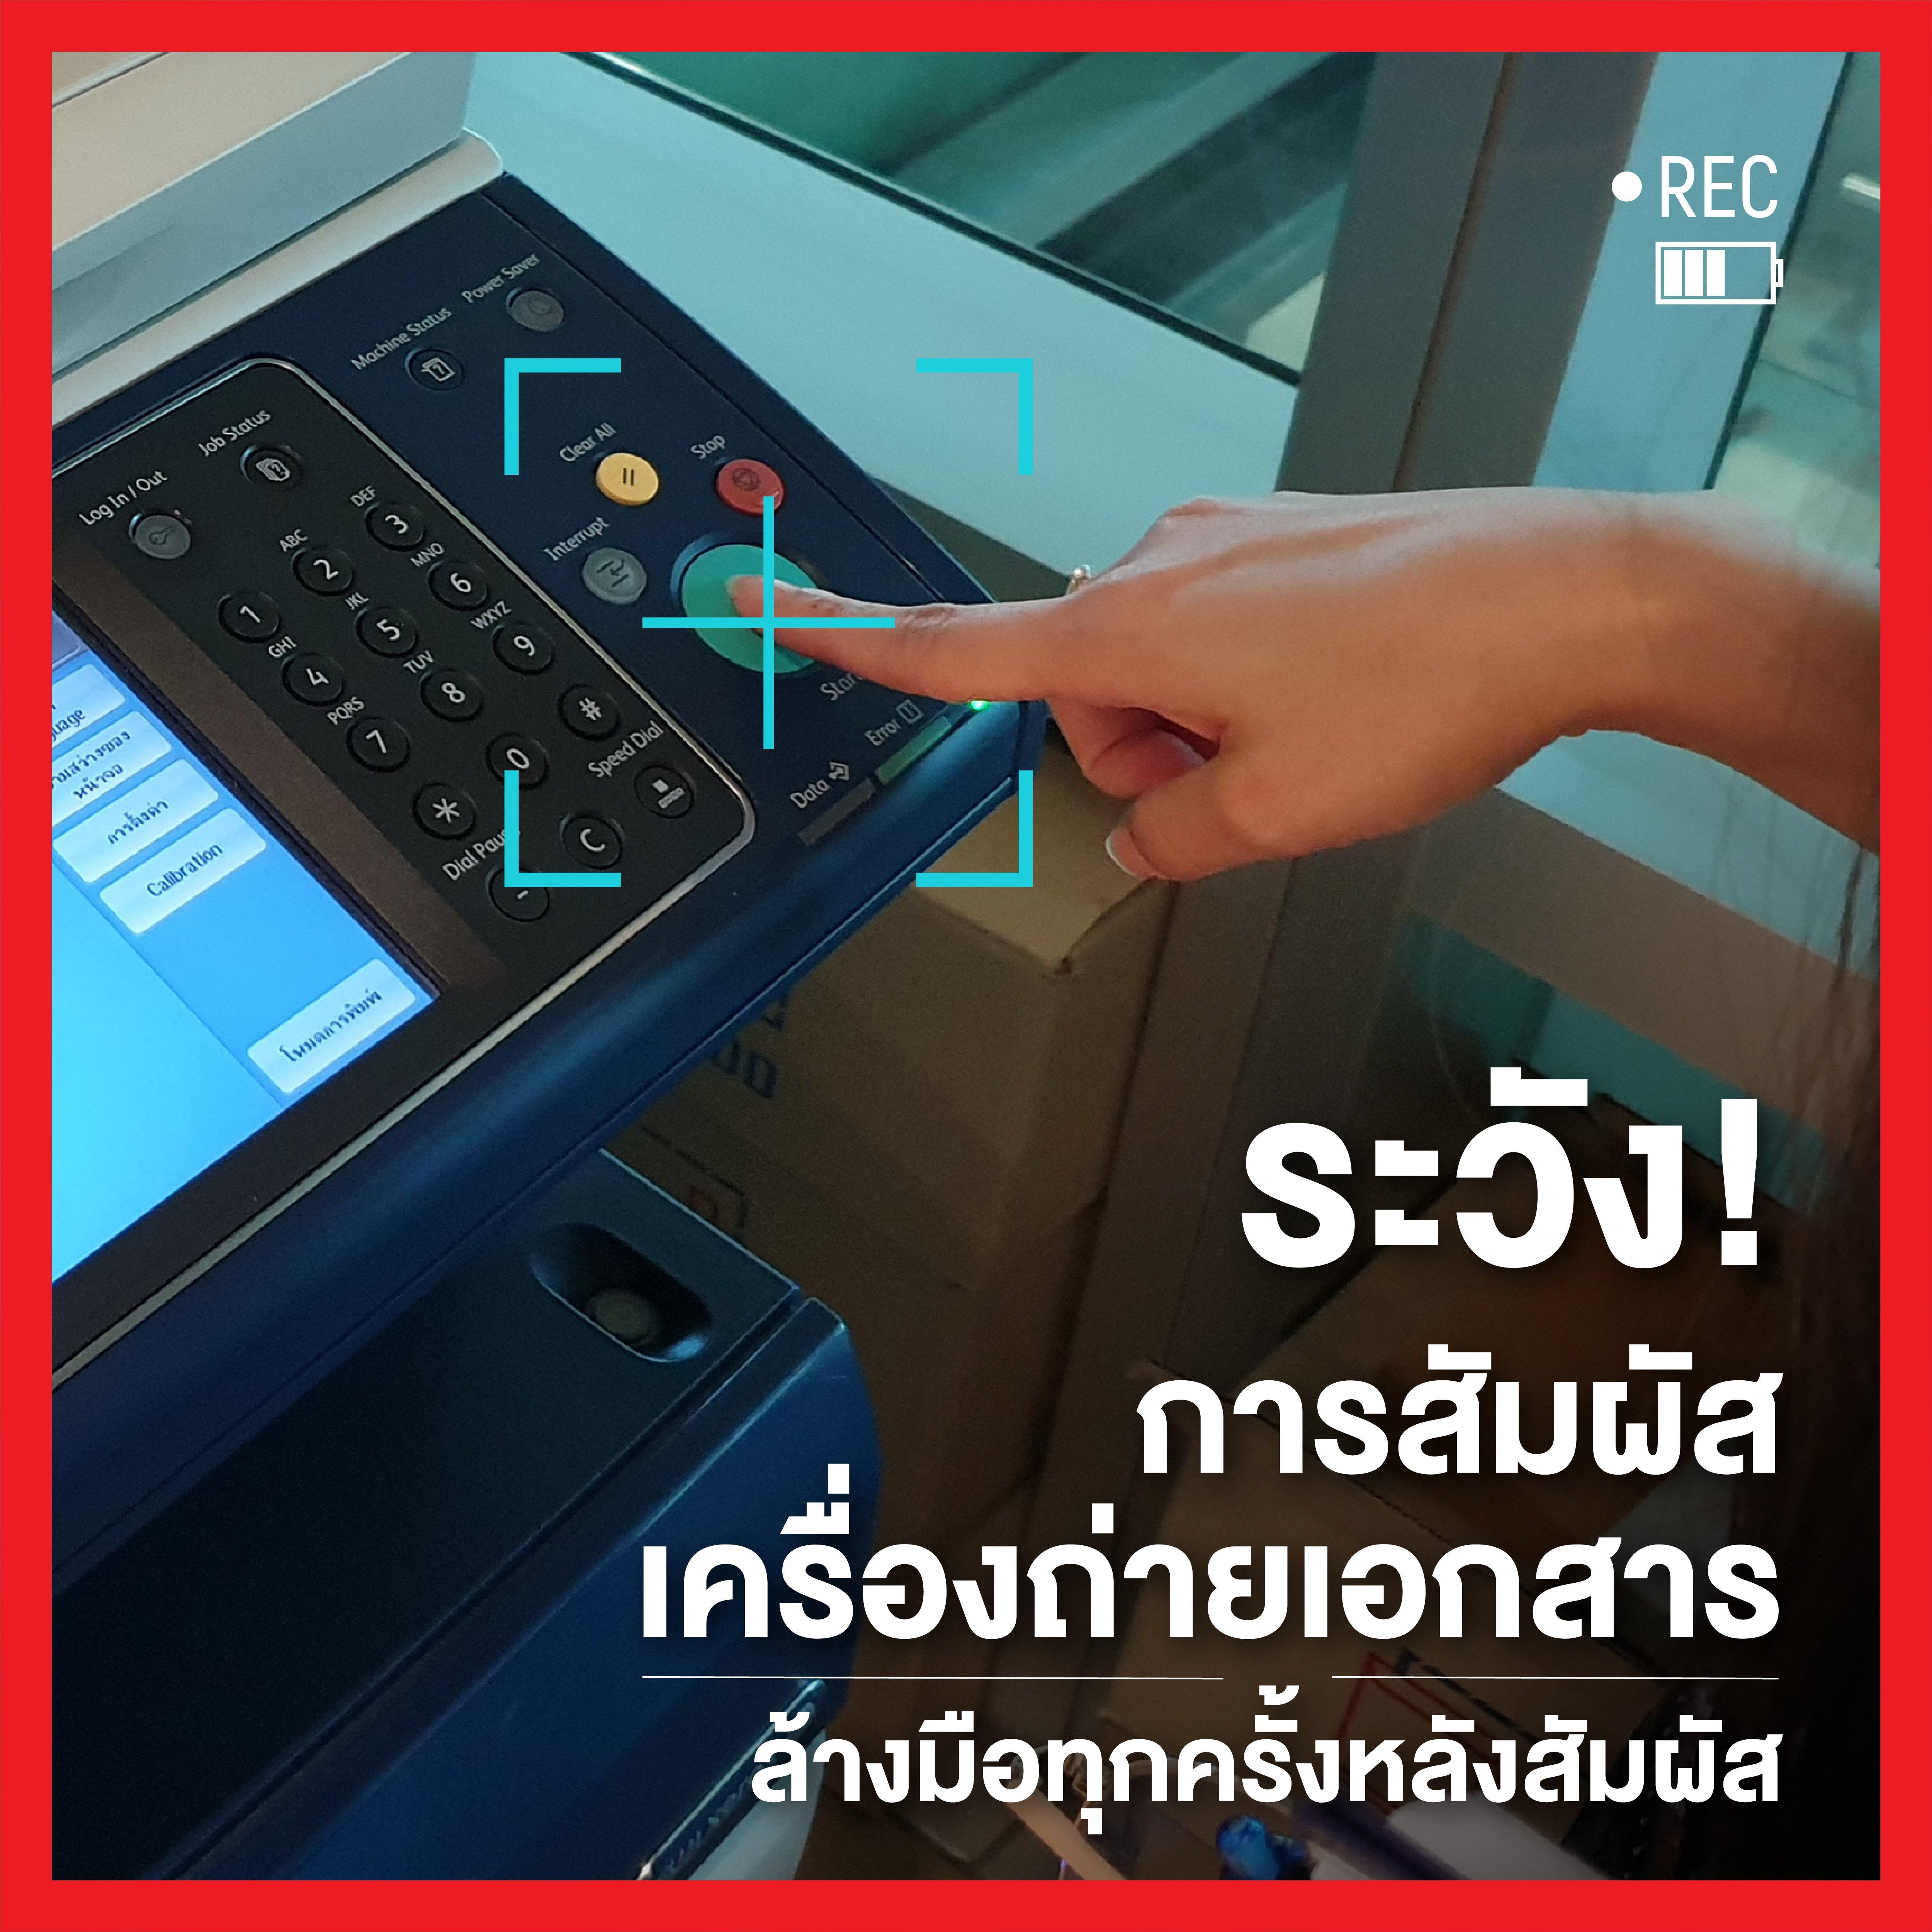 ในที่ทำงานคุณเสี่ยงรับเชื้อ (โควิด) จากอะไรได้บ้าง thaihealth